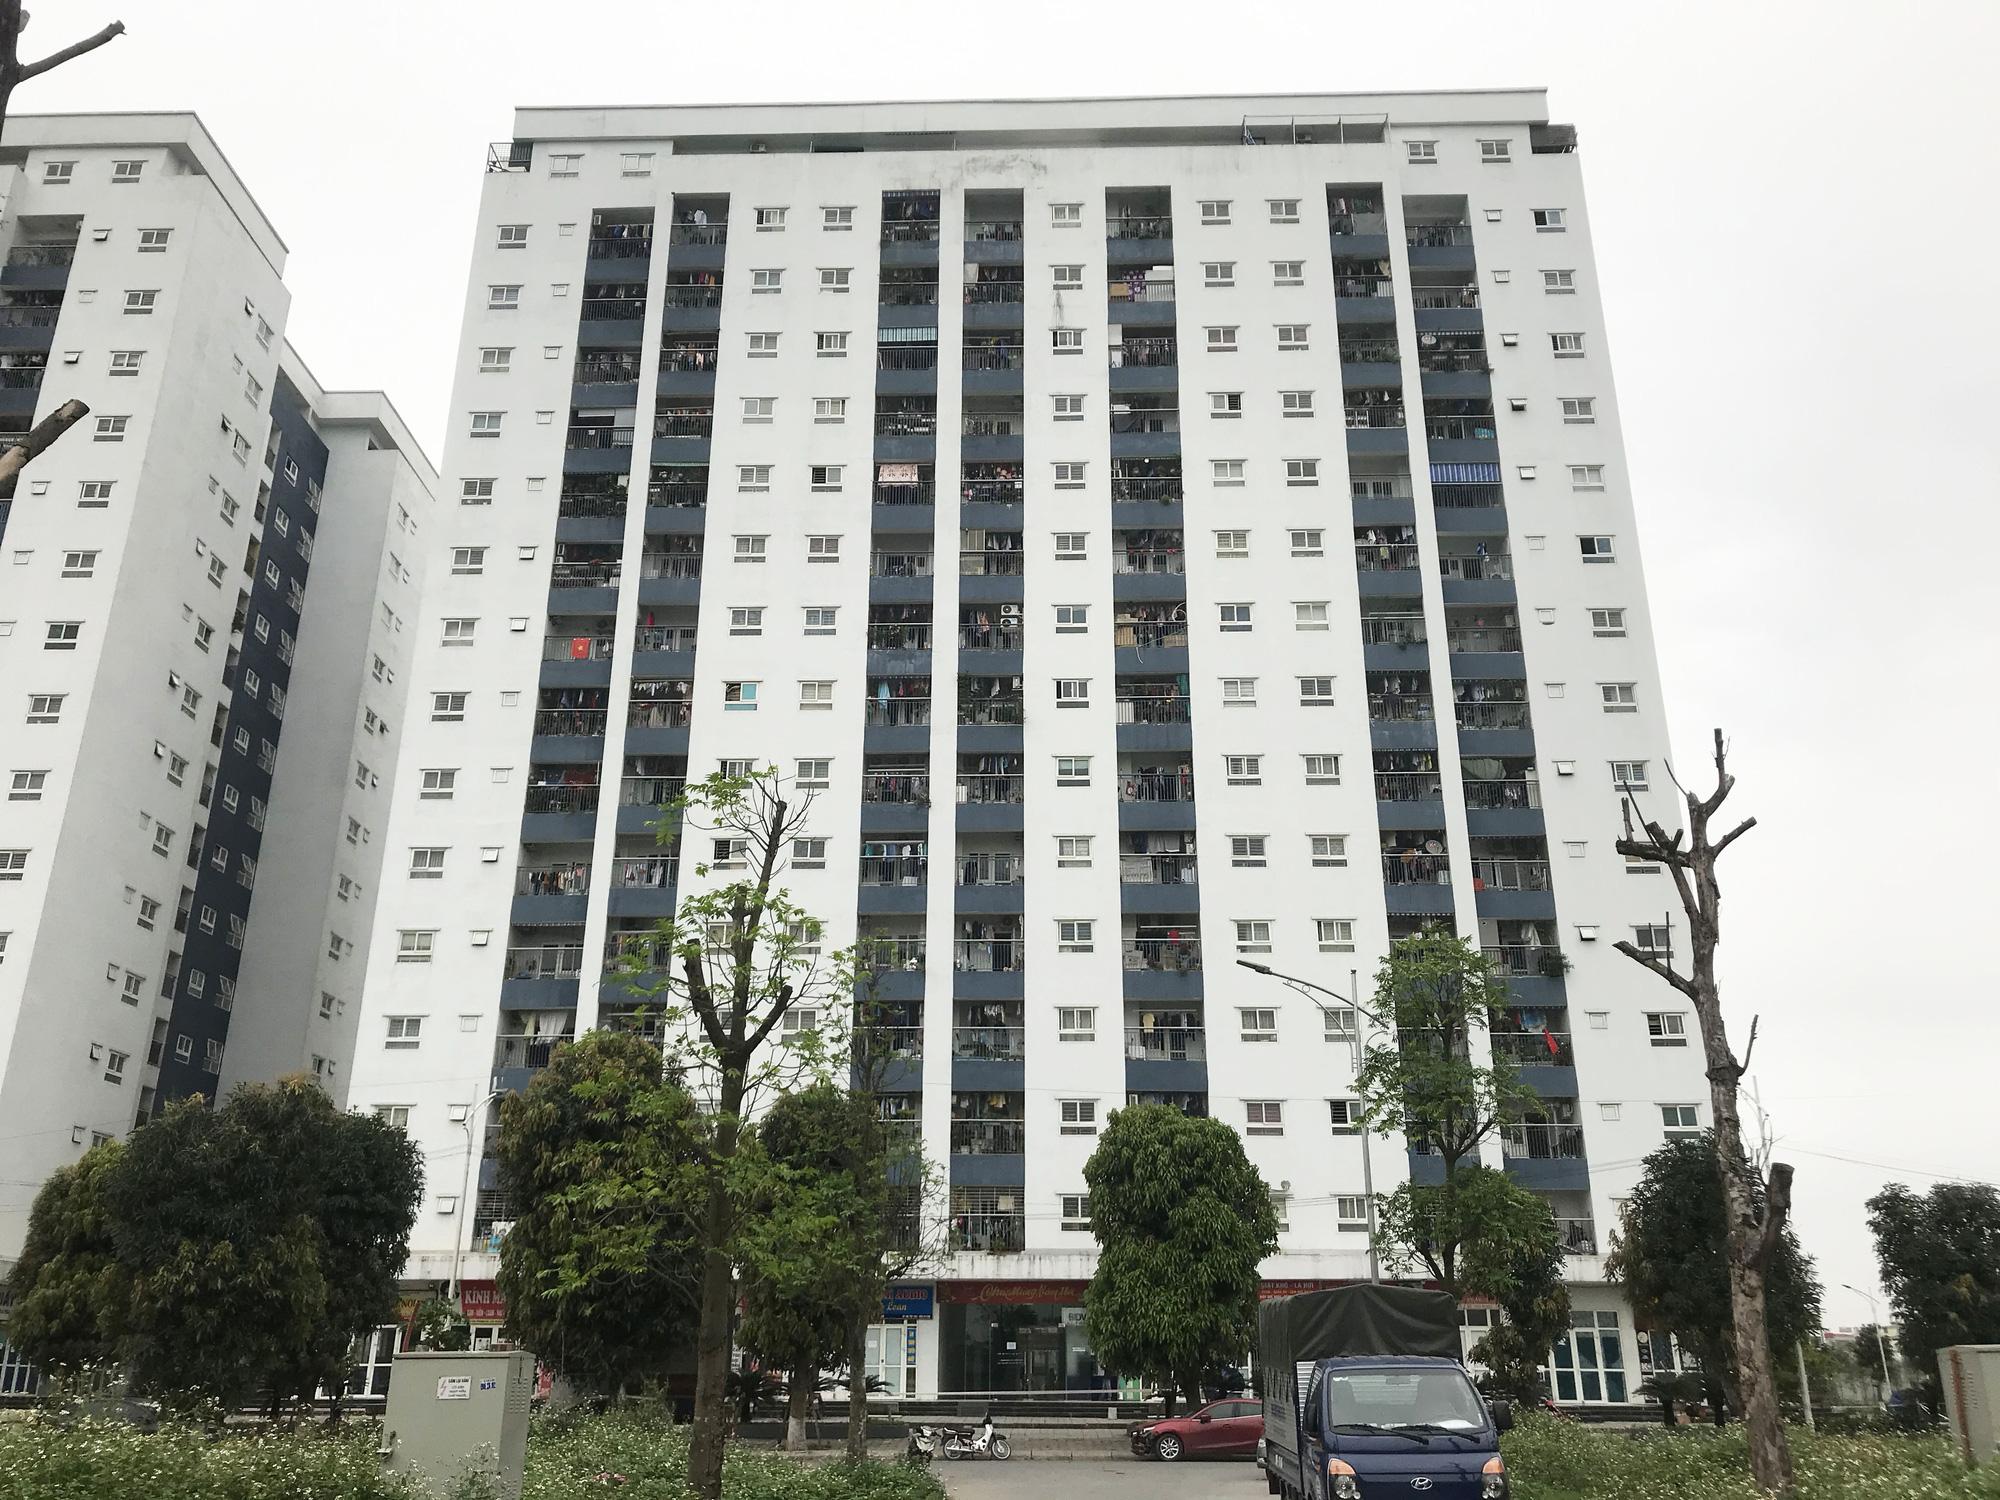 Hà Nội tạm cách li khu chung cư có người dương tính với SARS-CoV-2 - Ảnh 6.